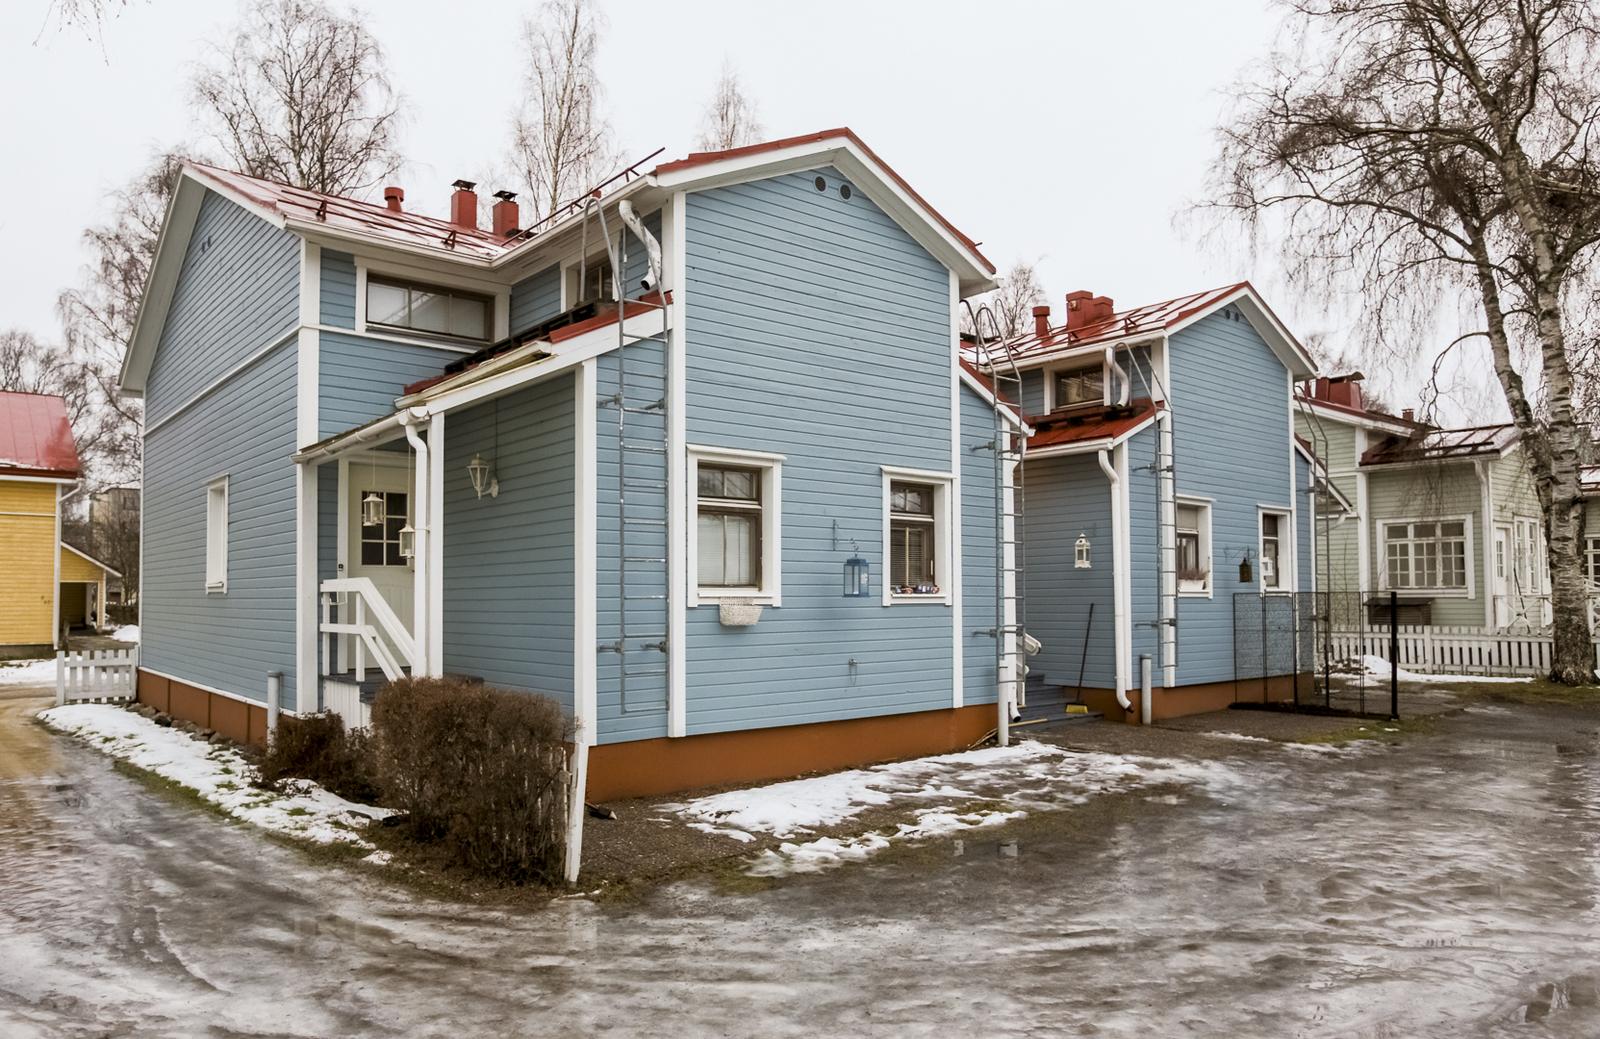 Raksila, Oulu